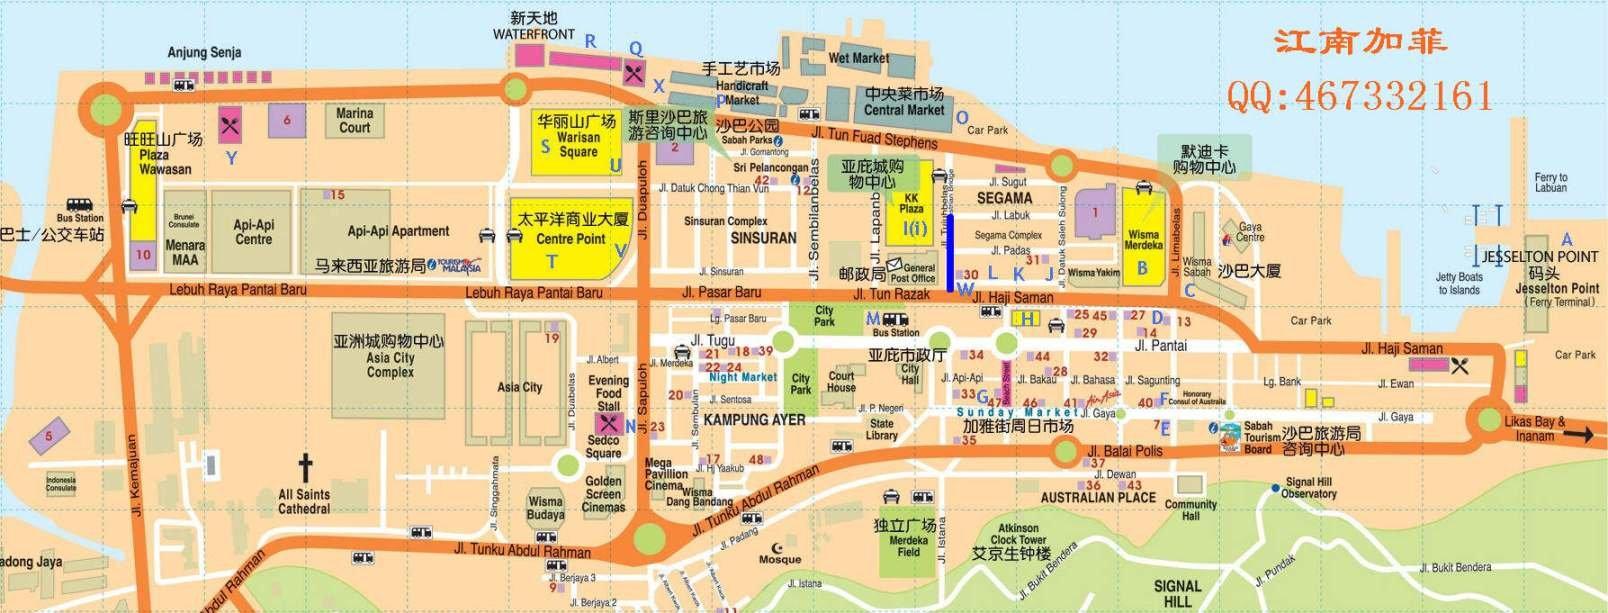 e路航台湾地图